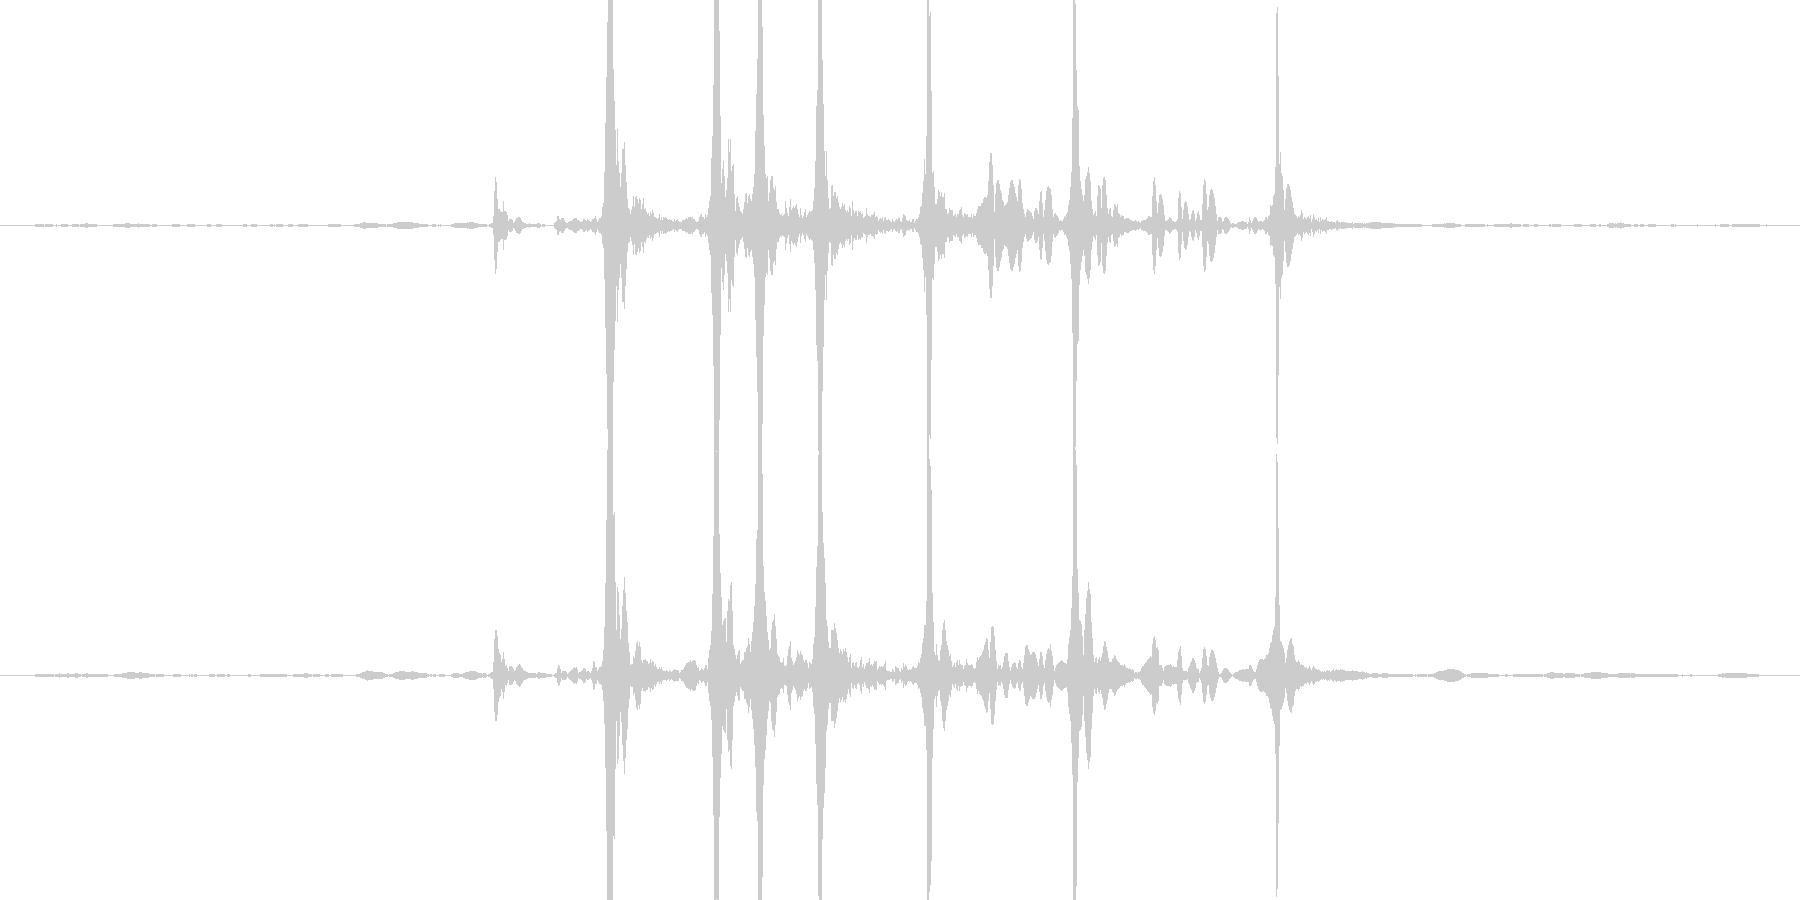 カッターを出す音ですの未再生の波形